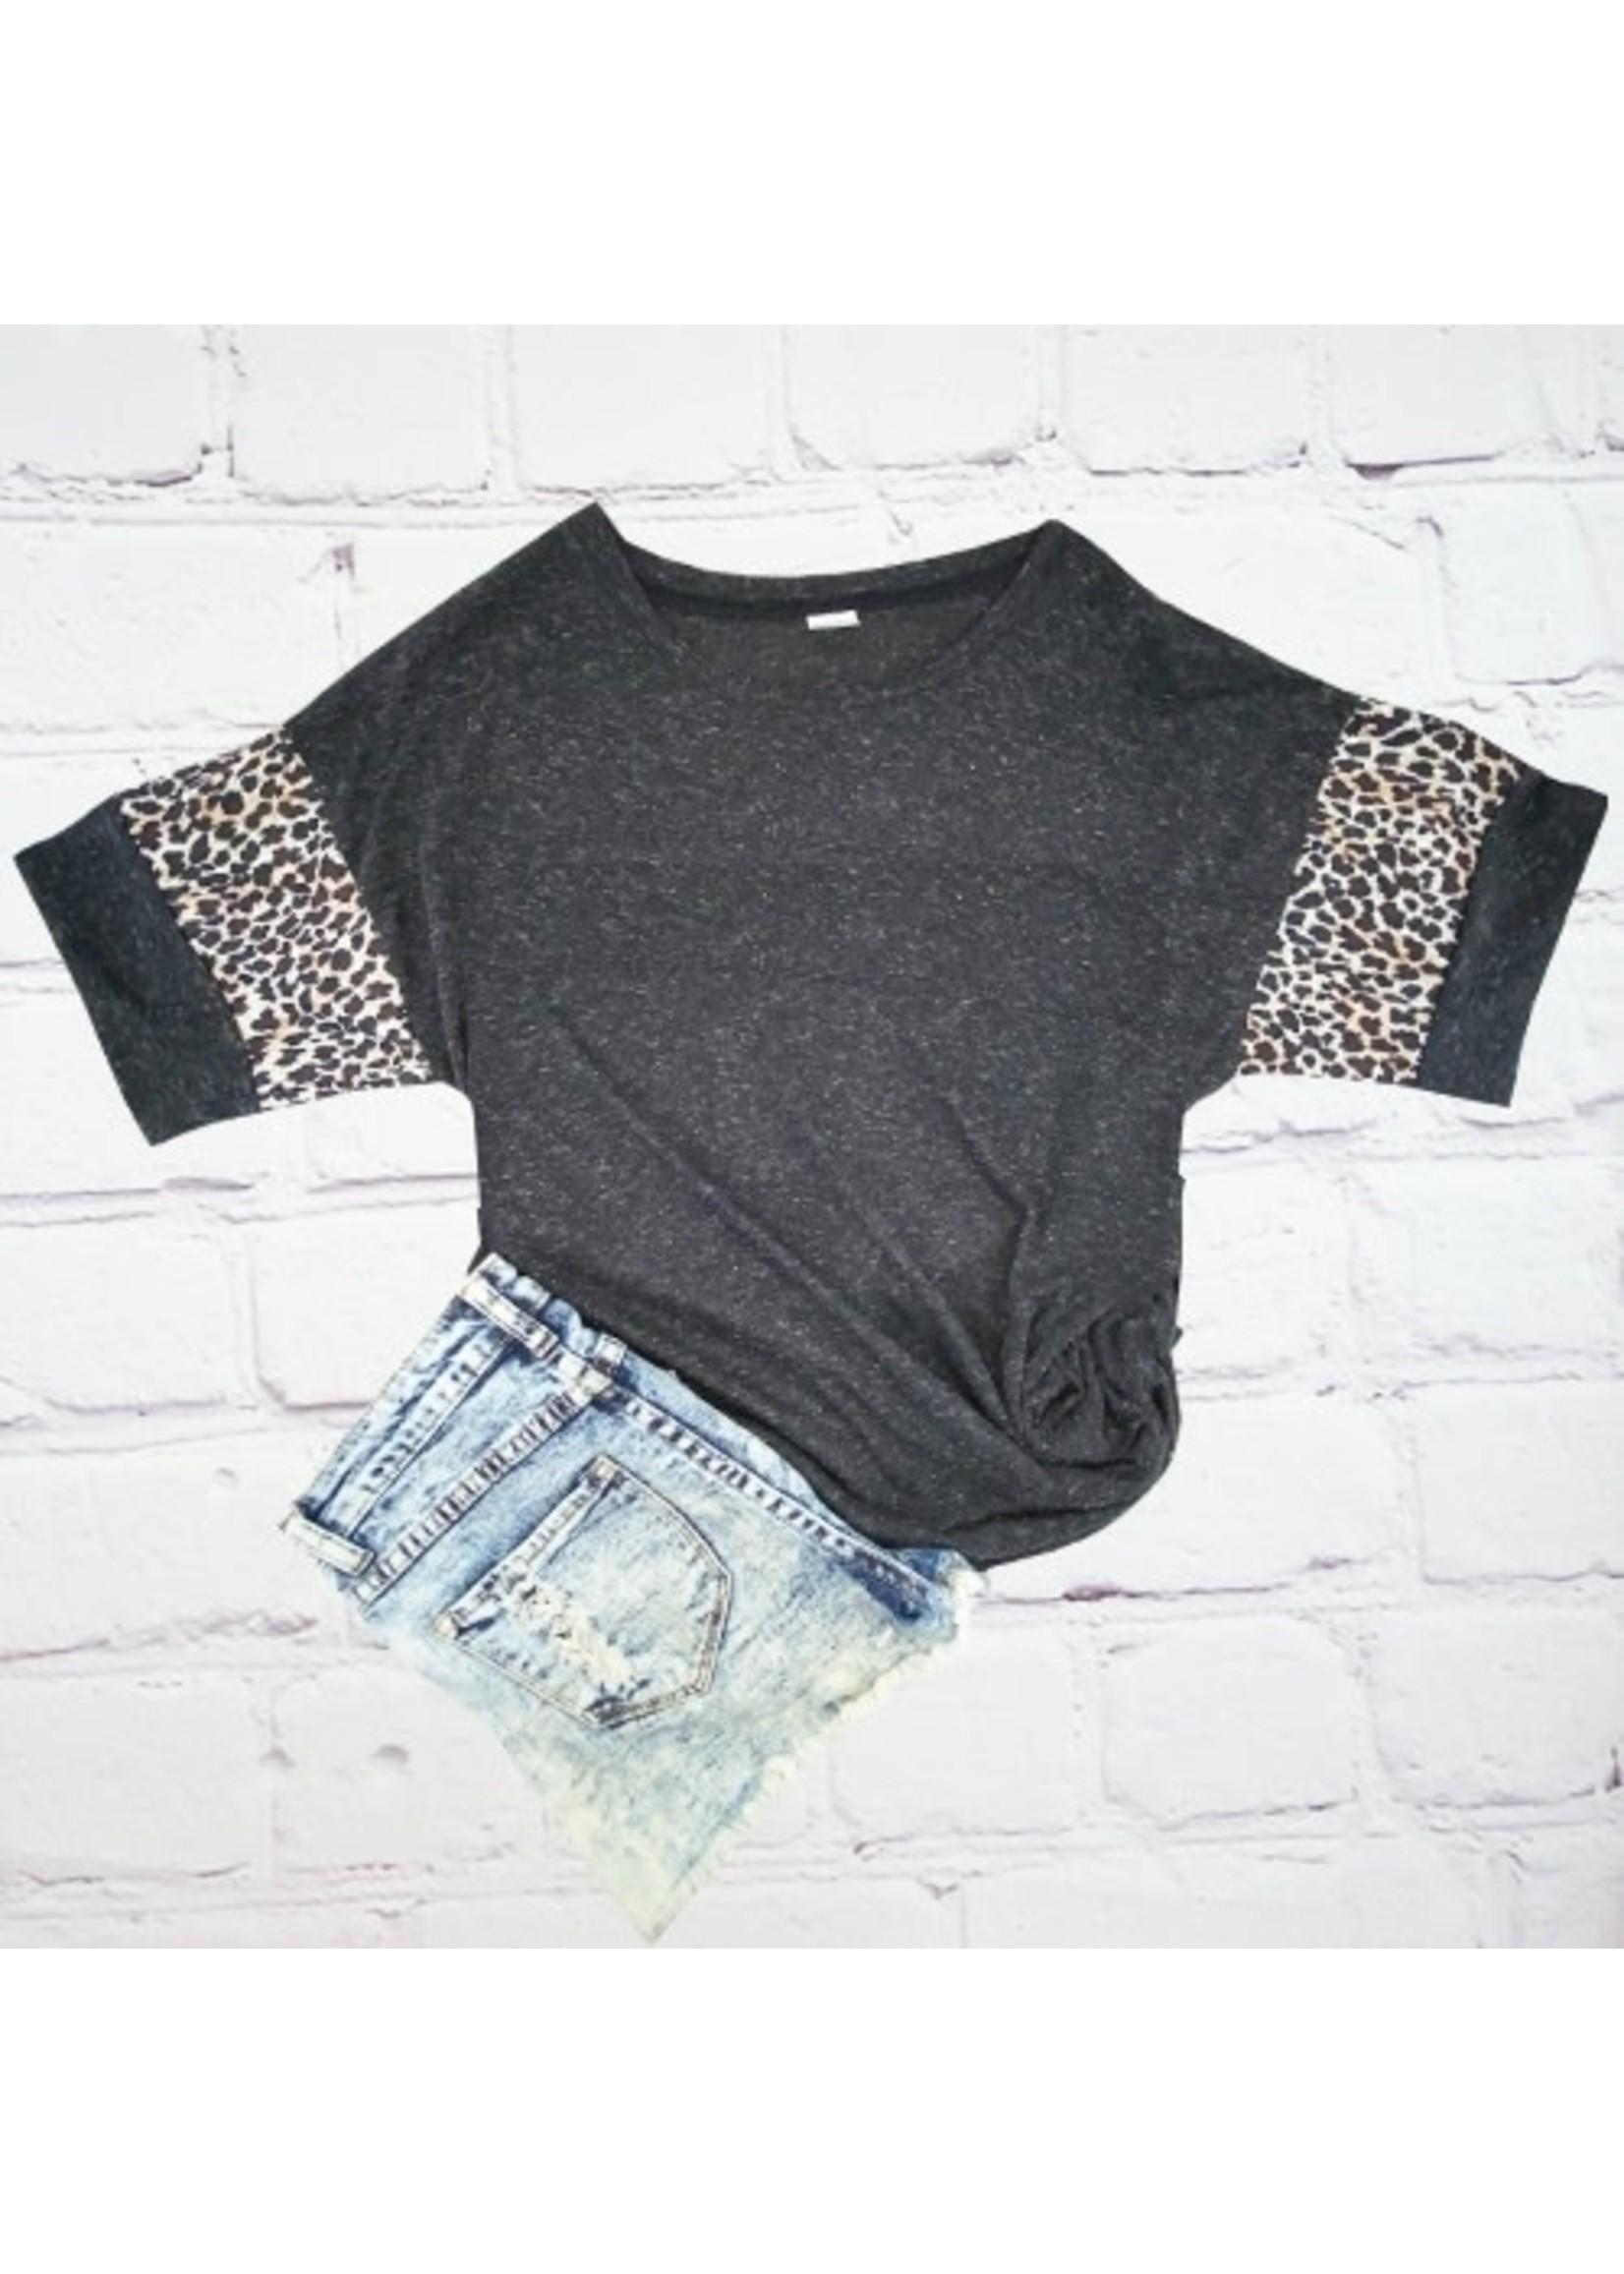 Sunshine & Rodeos Vintage Leopard Sleeve Tee Black